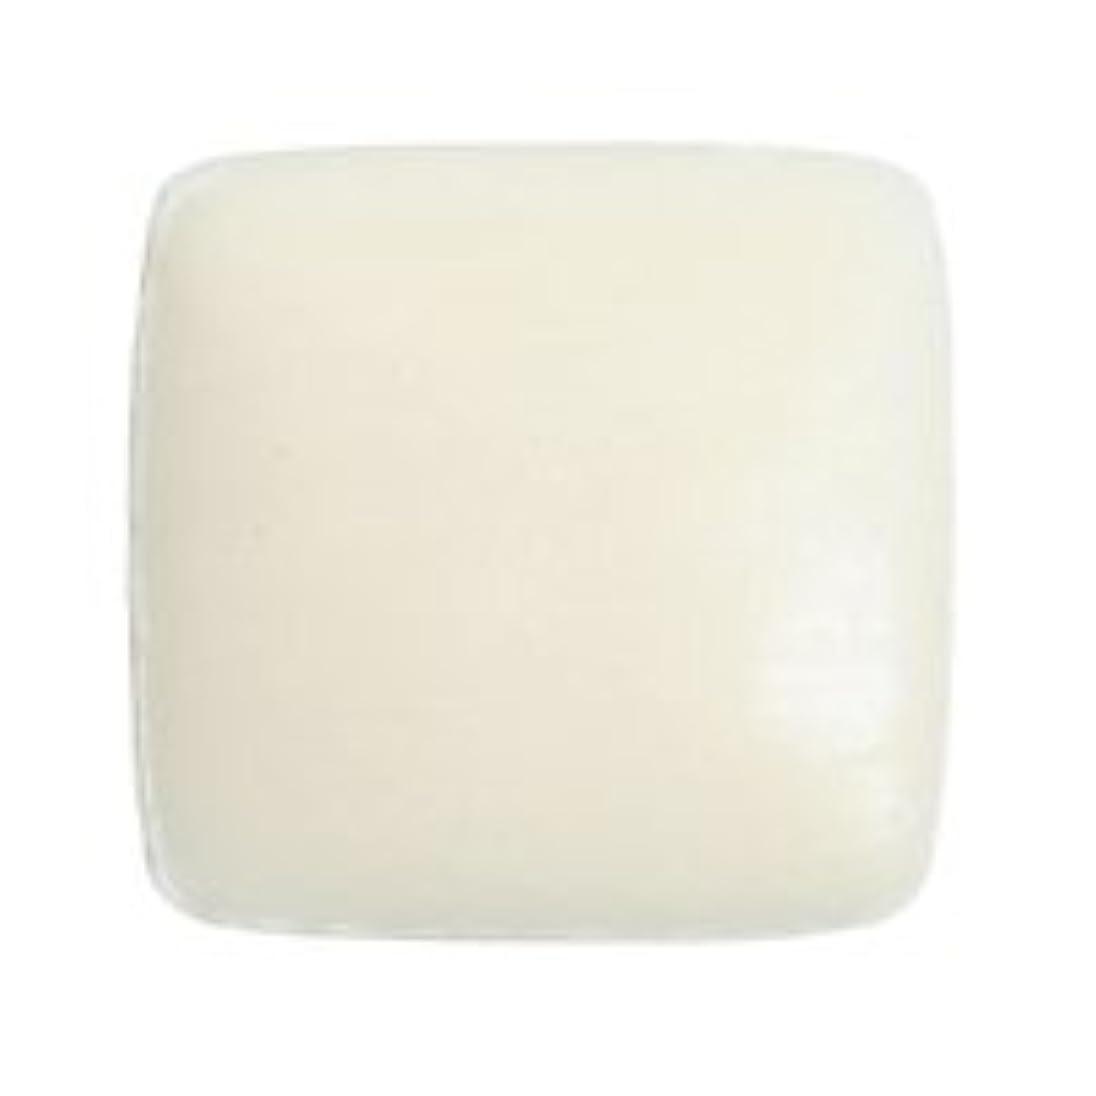 保存尽きるタイマードクターY ホワイトクレイソープ80g 固形石鹸